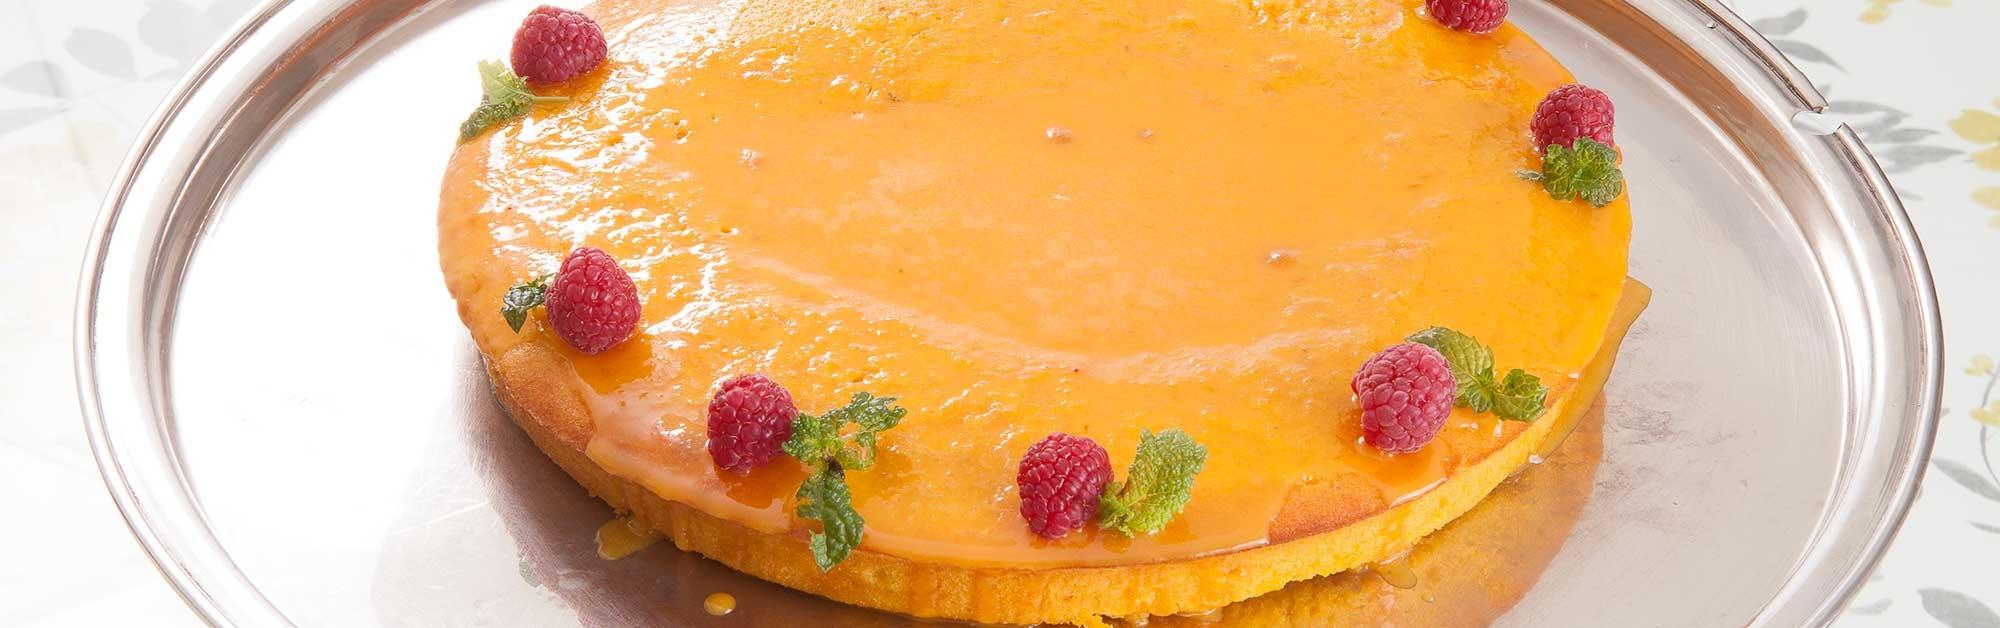 Cake de naranja y calabaza